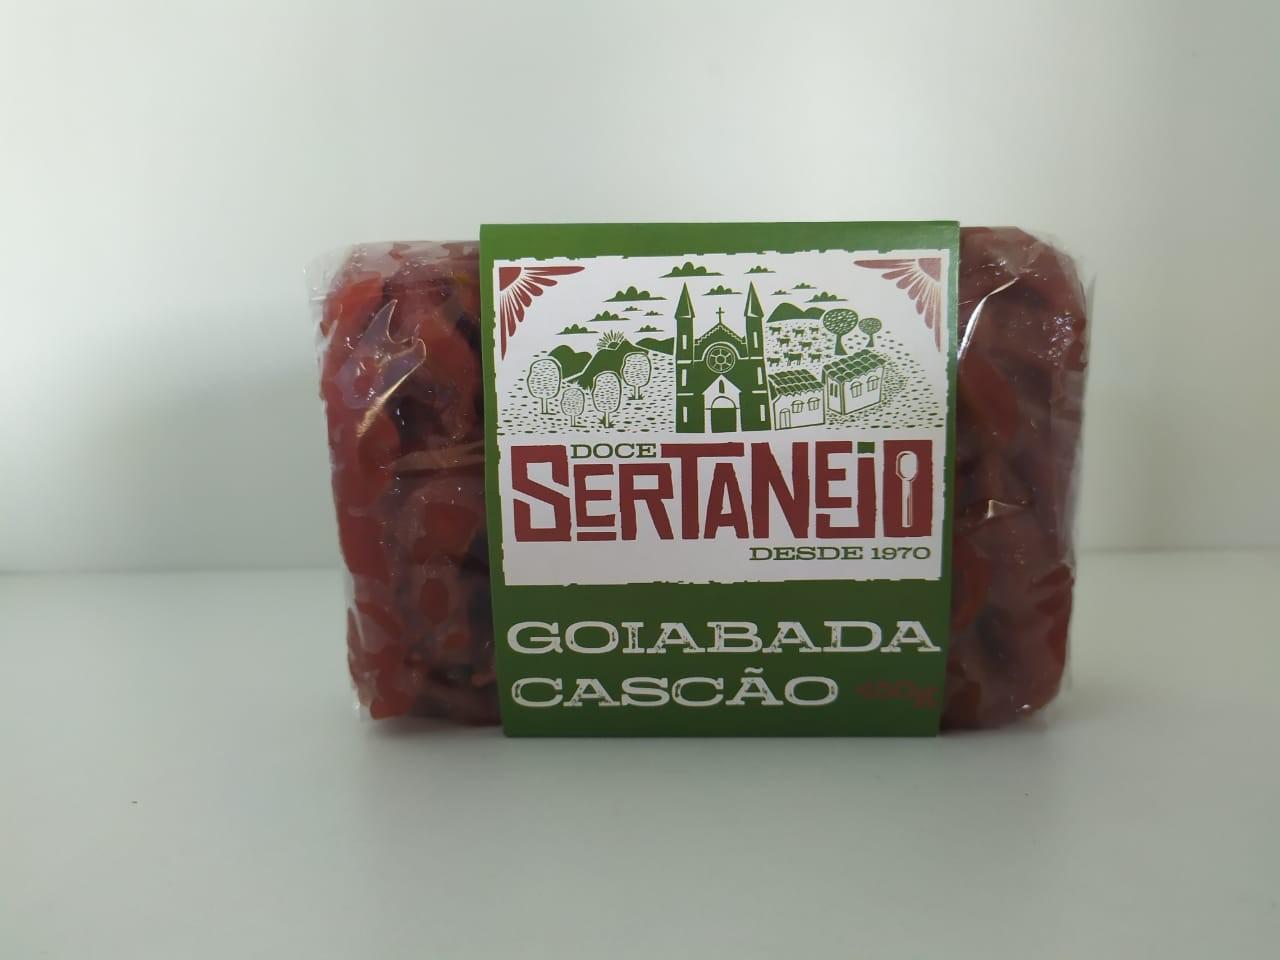 DOCE SERTANEJO EM BARRA GOIABADA CASCAO 450G